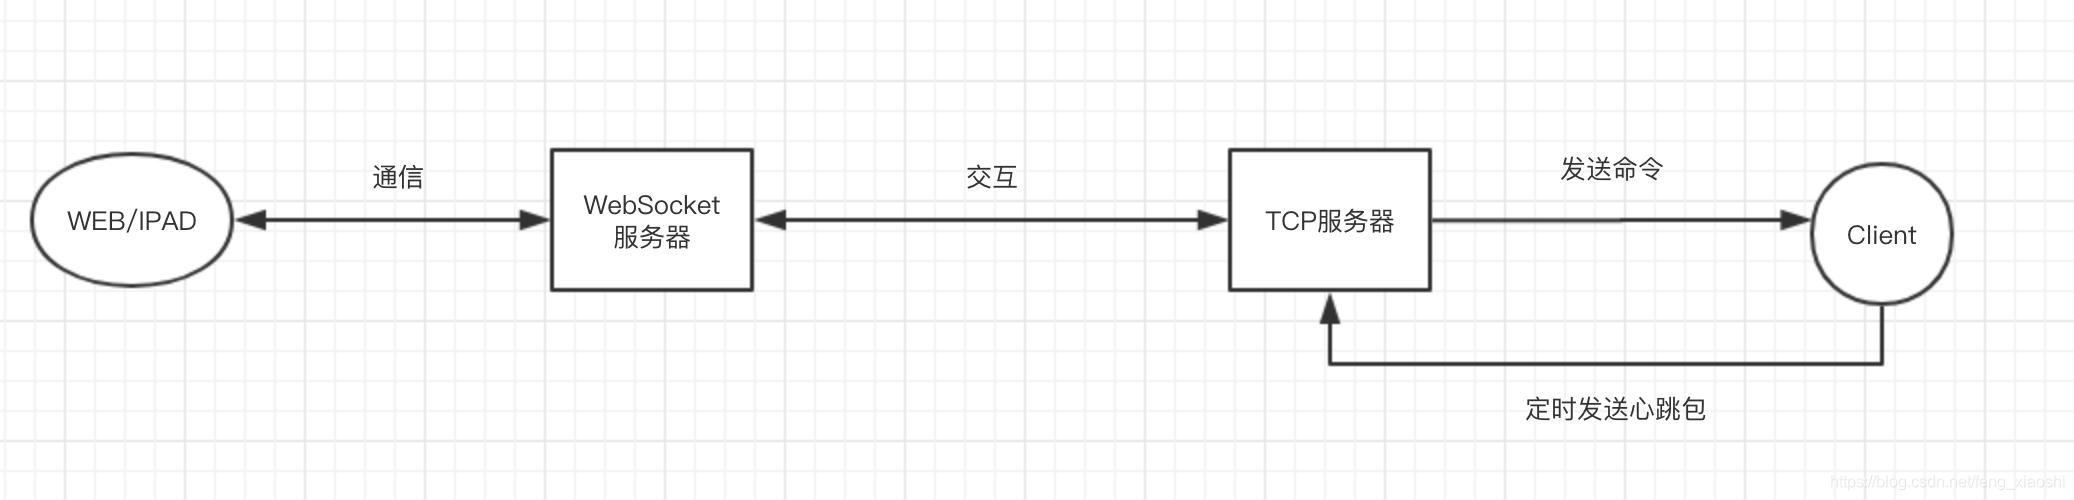 通信逻辑流程图